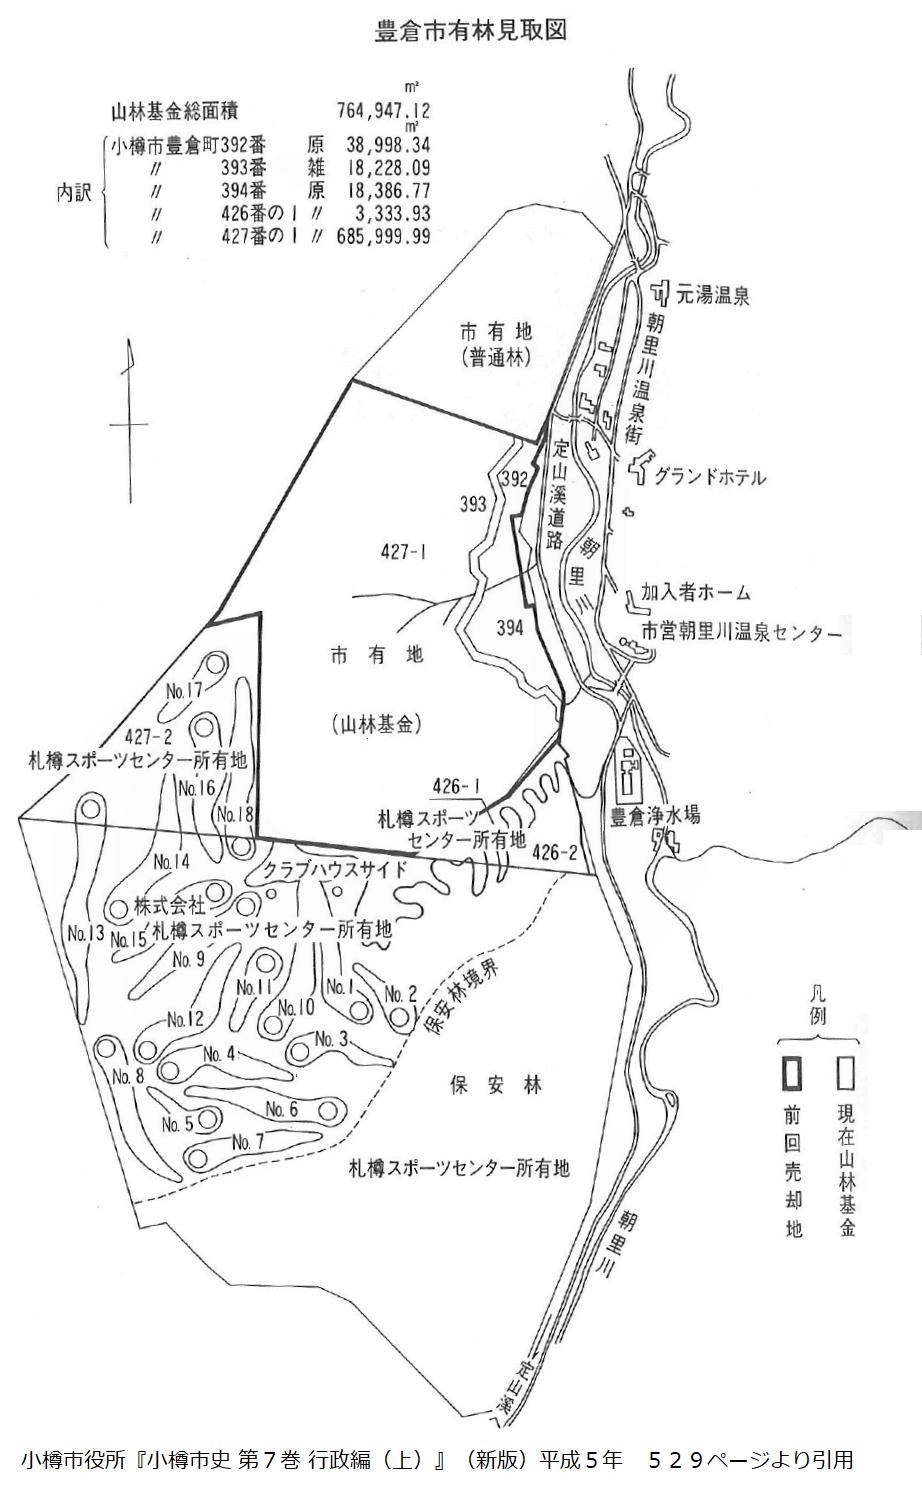 豊倉市有林見取図